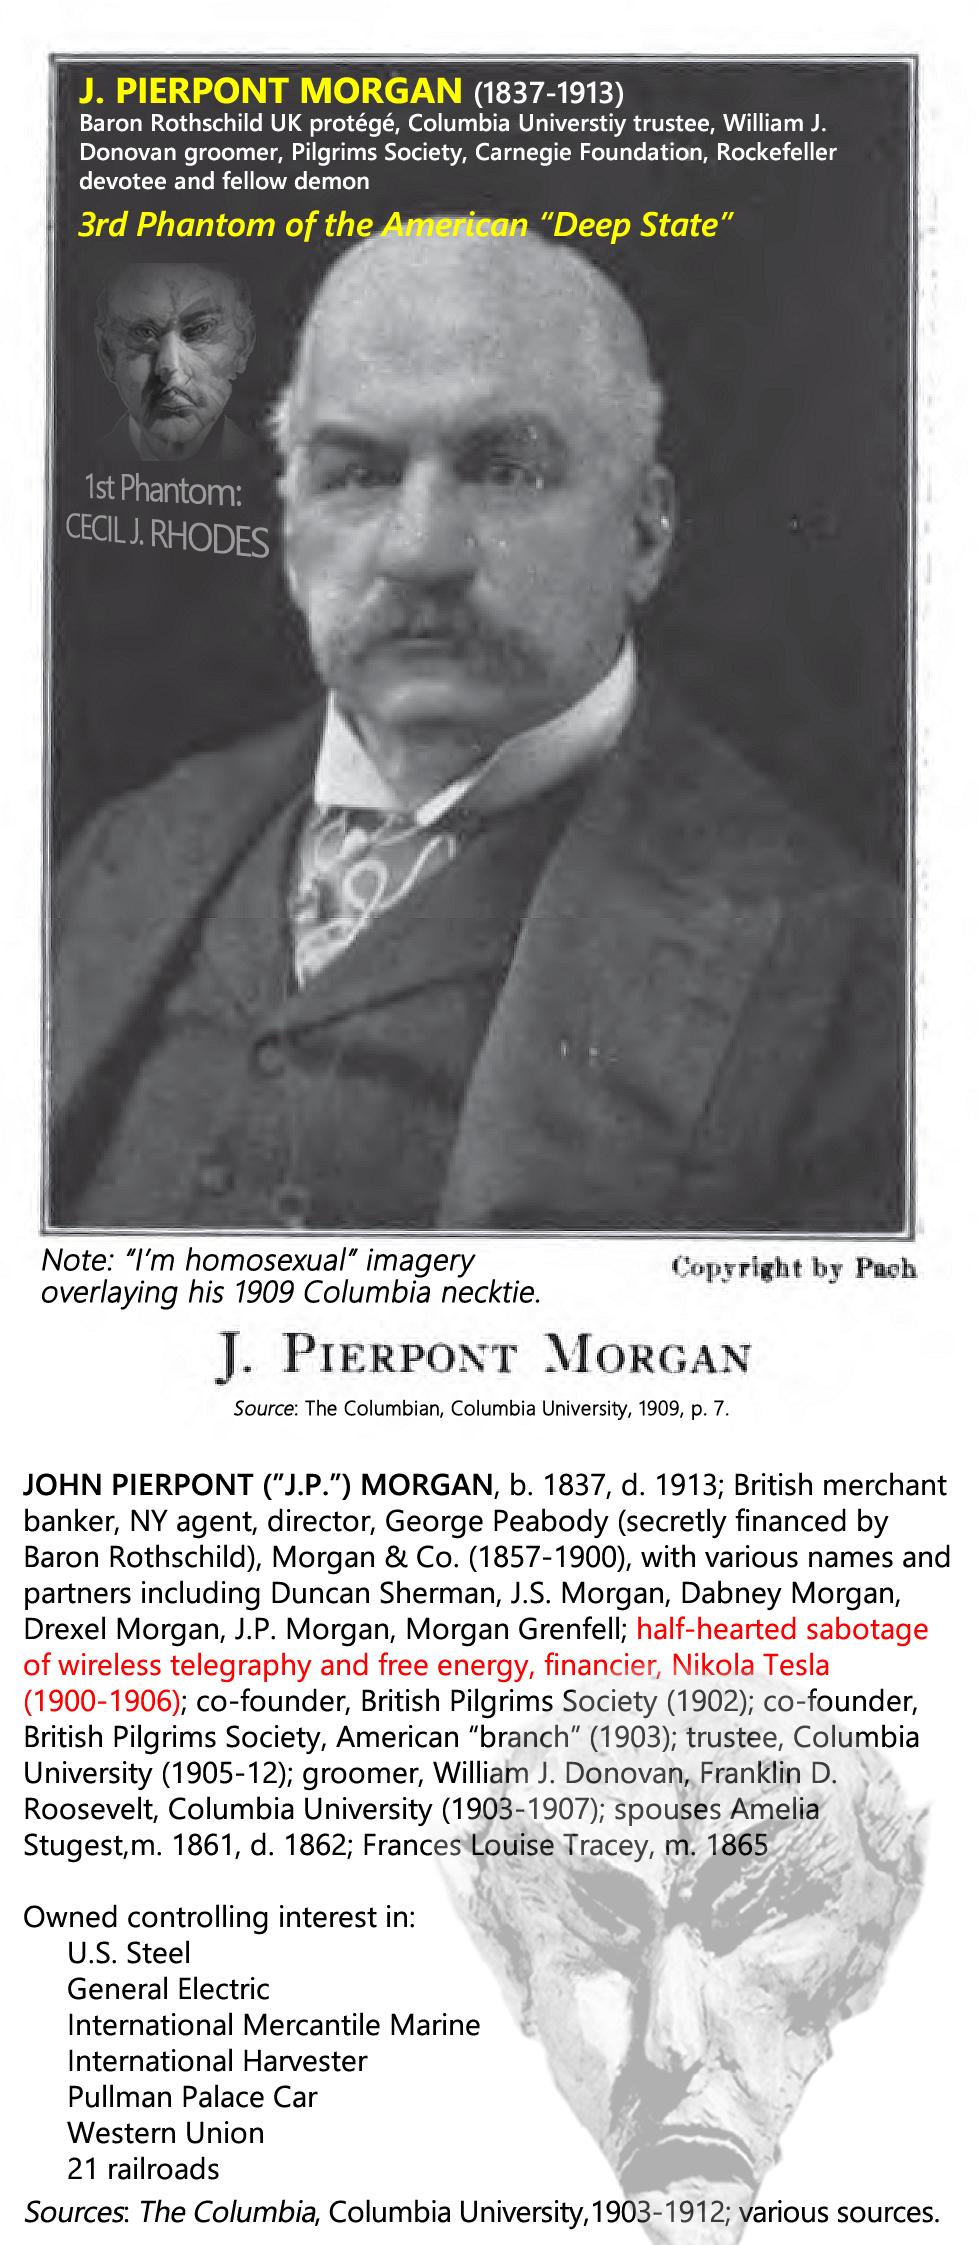 J. PIERPONT MORGAN (1837-1913).